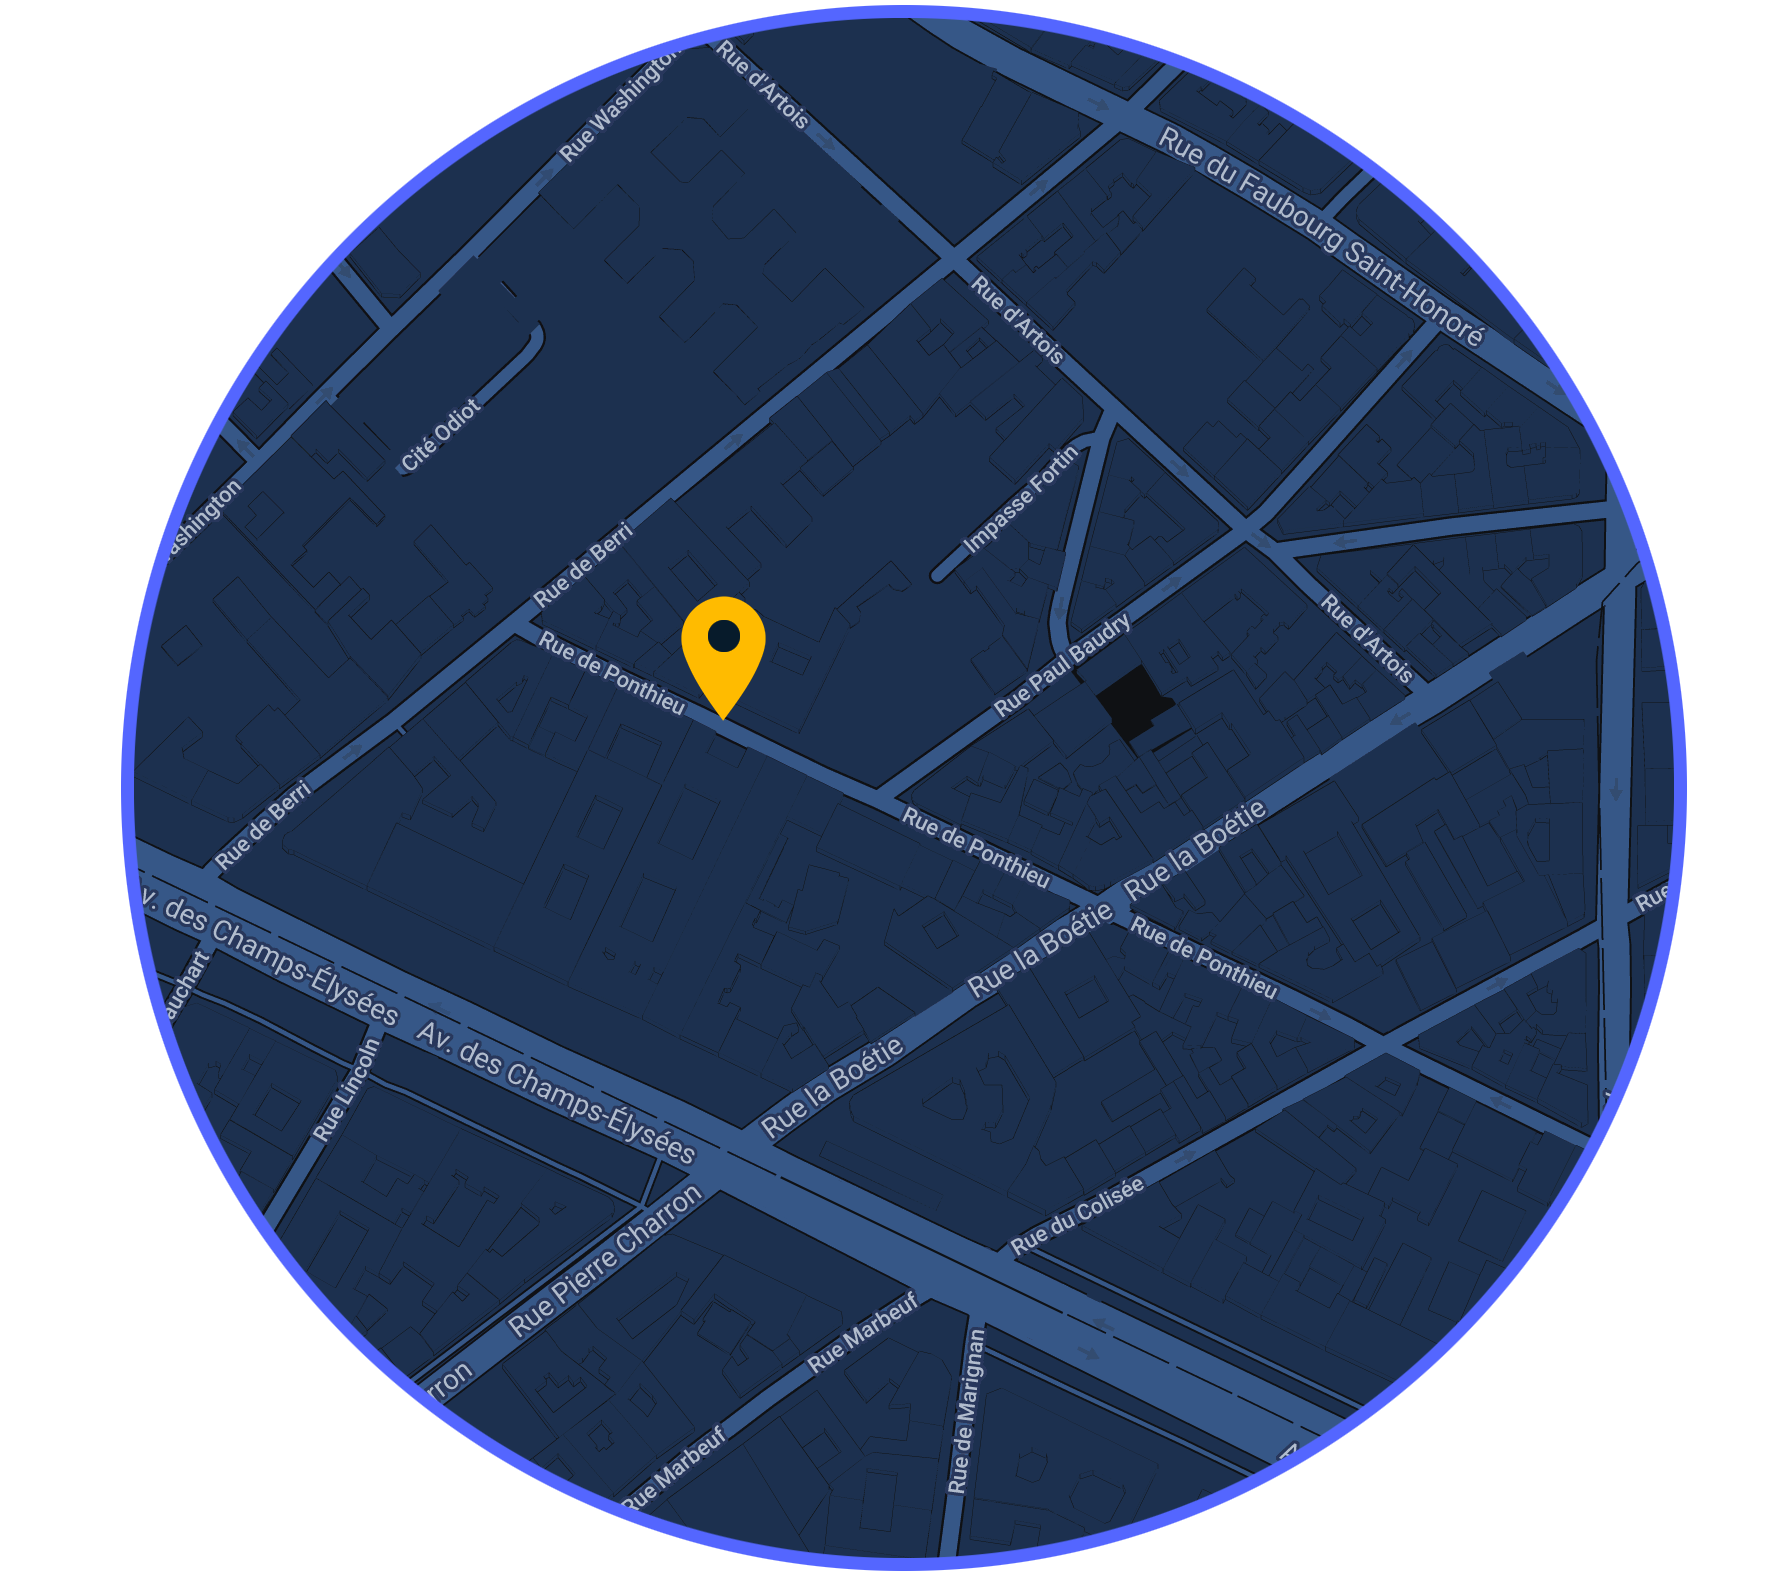 adesias-map-paris